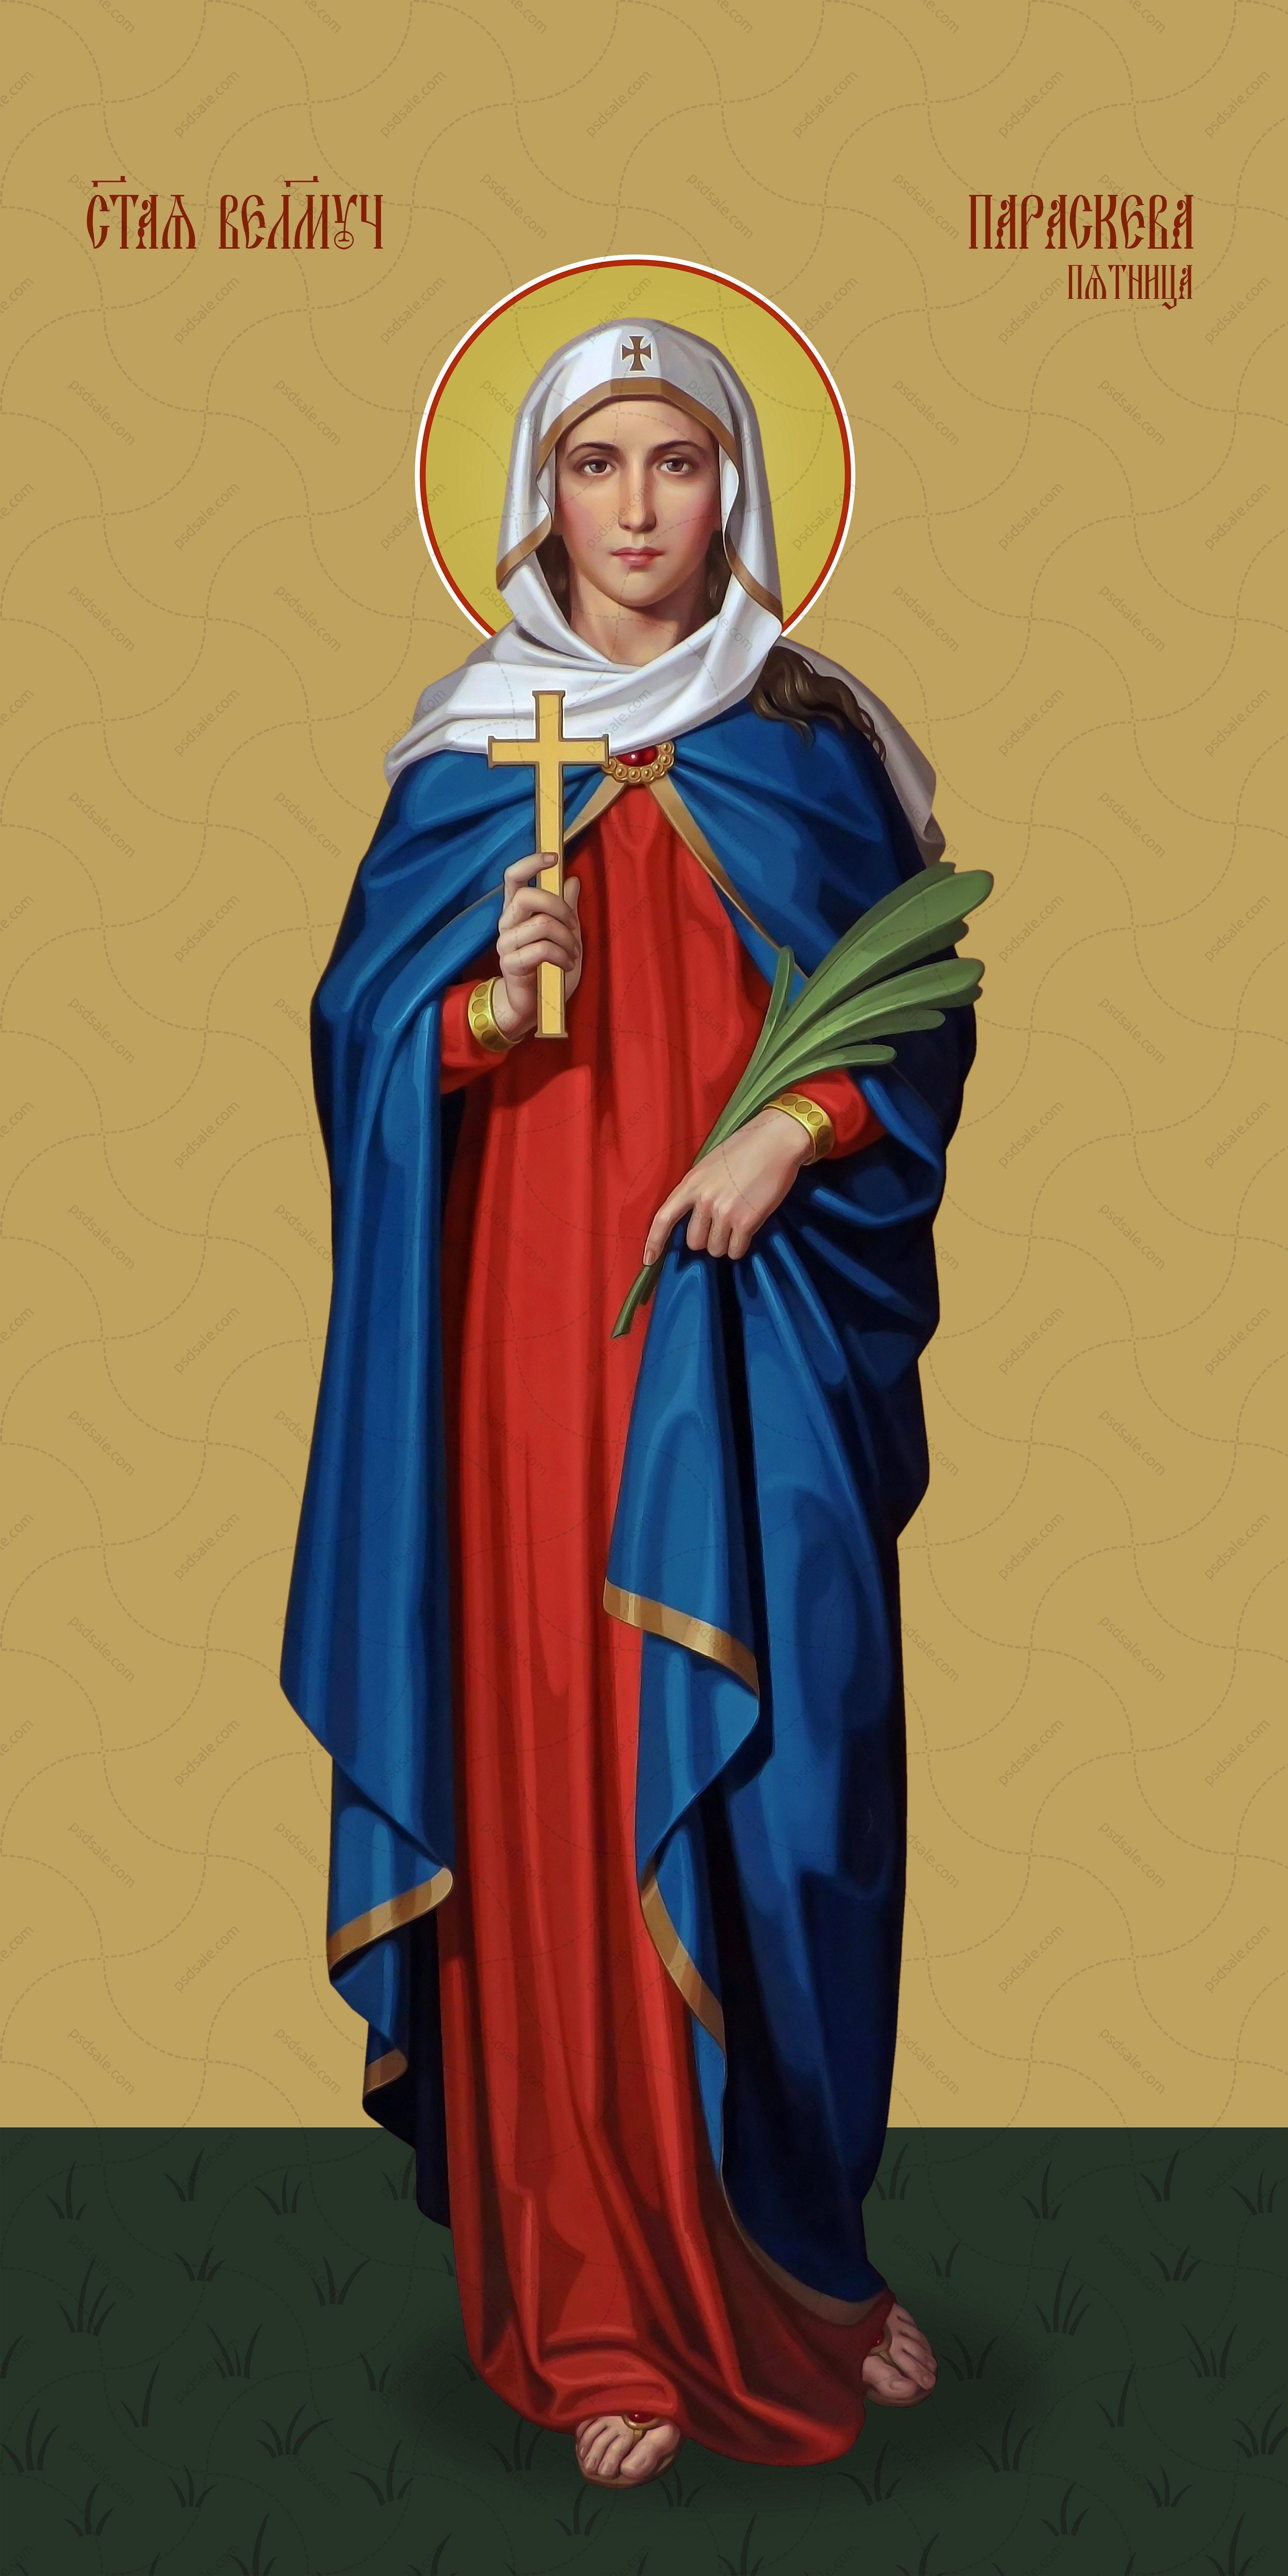 Мерная икона, Параскева Пятница, святая великомученица